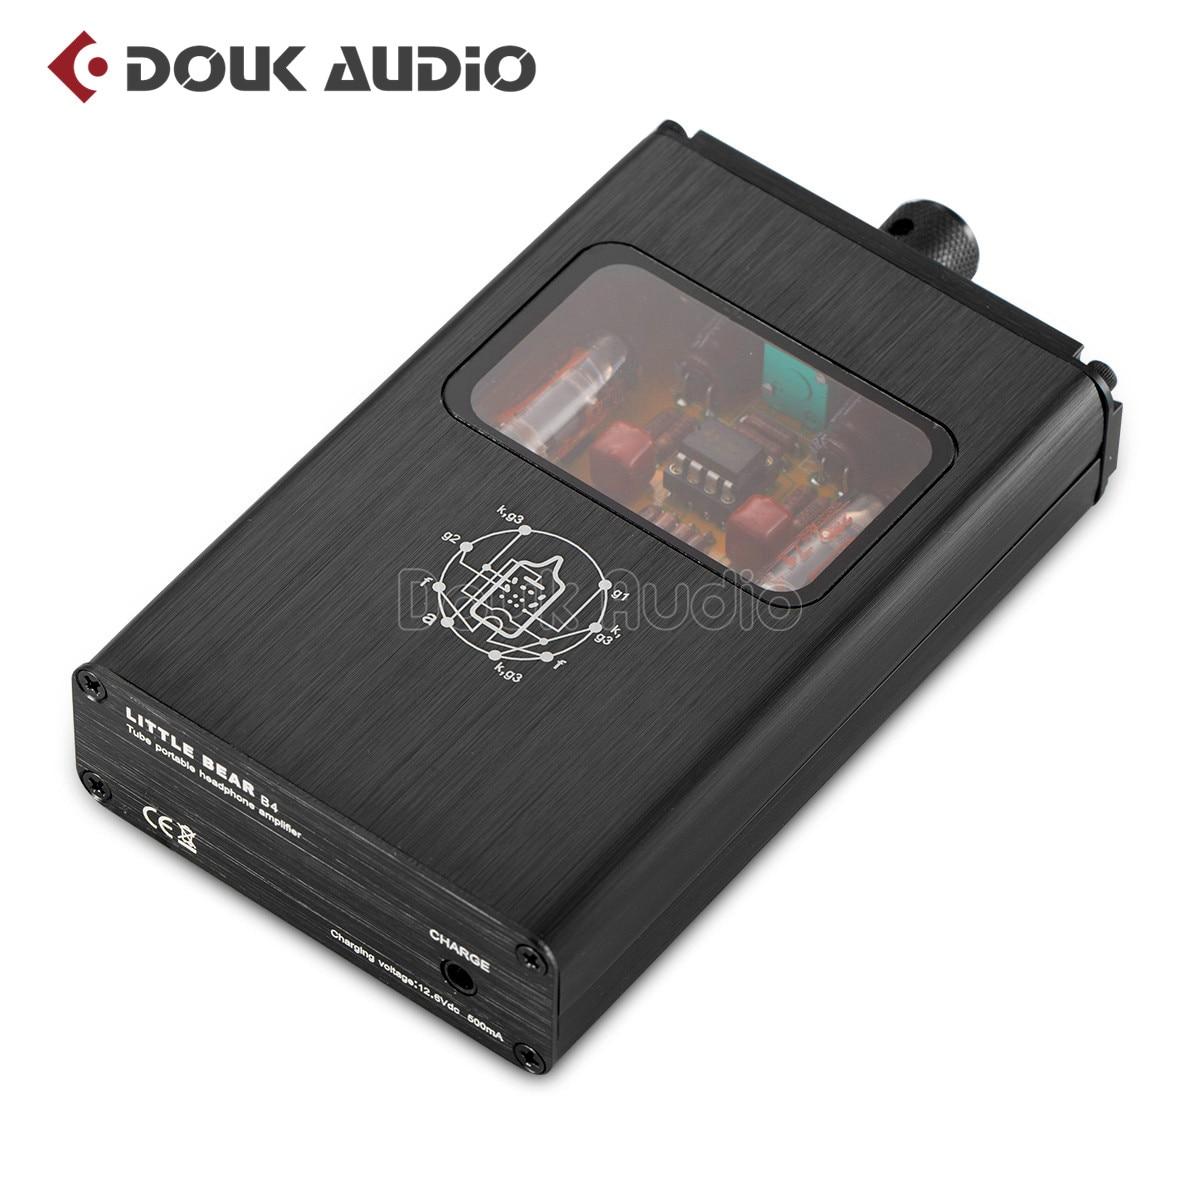 2018 Nobsound Little bear B4 Mini Portable Stéréo Vide Tube Ampli Casque HiFi Rechargeable Amplificateur